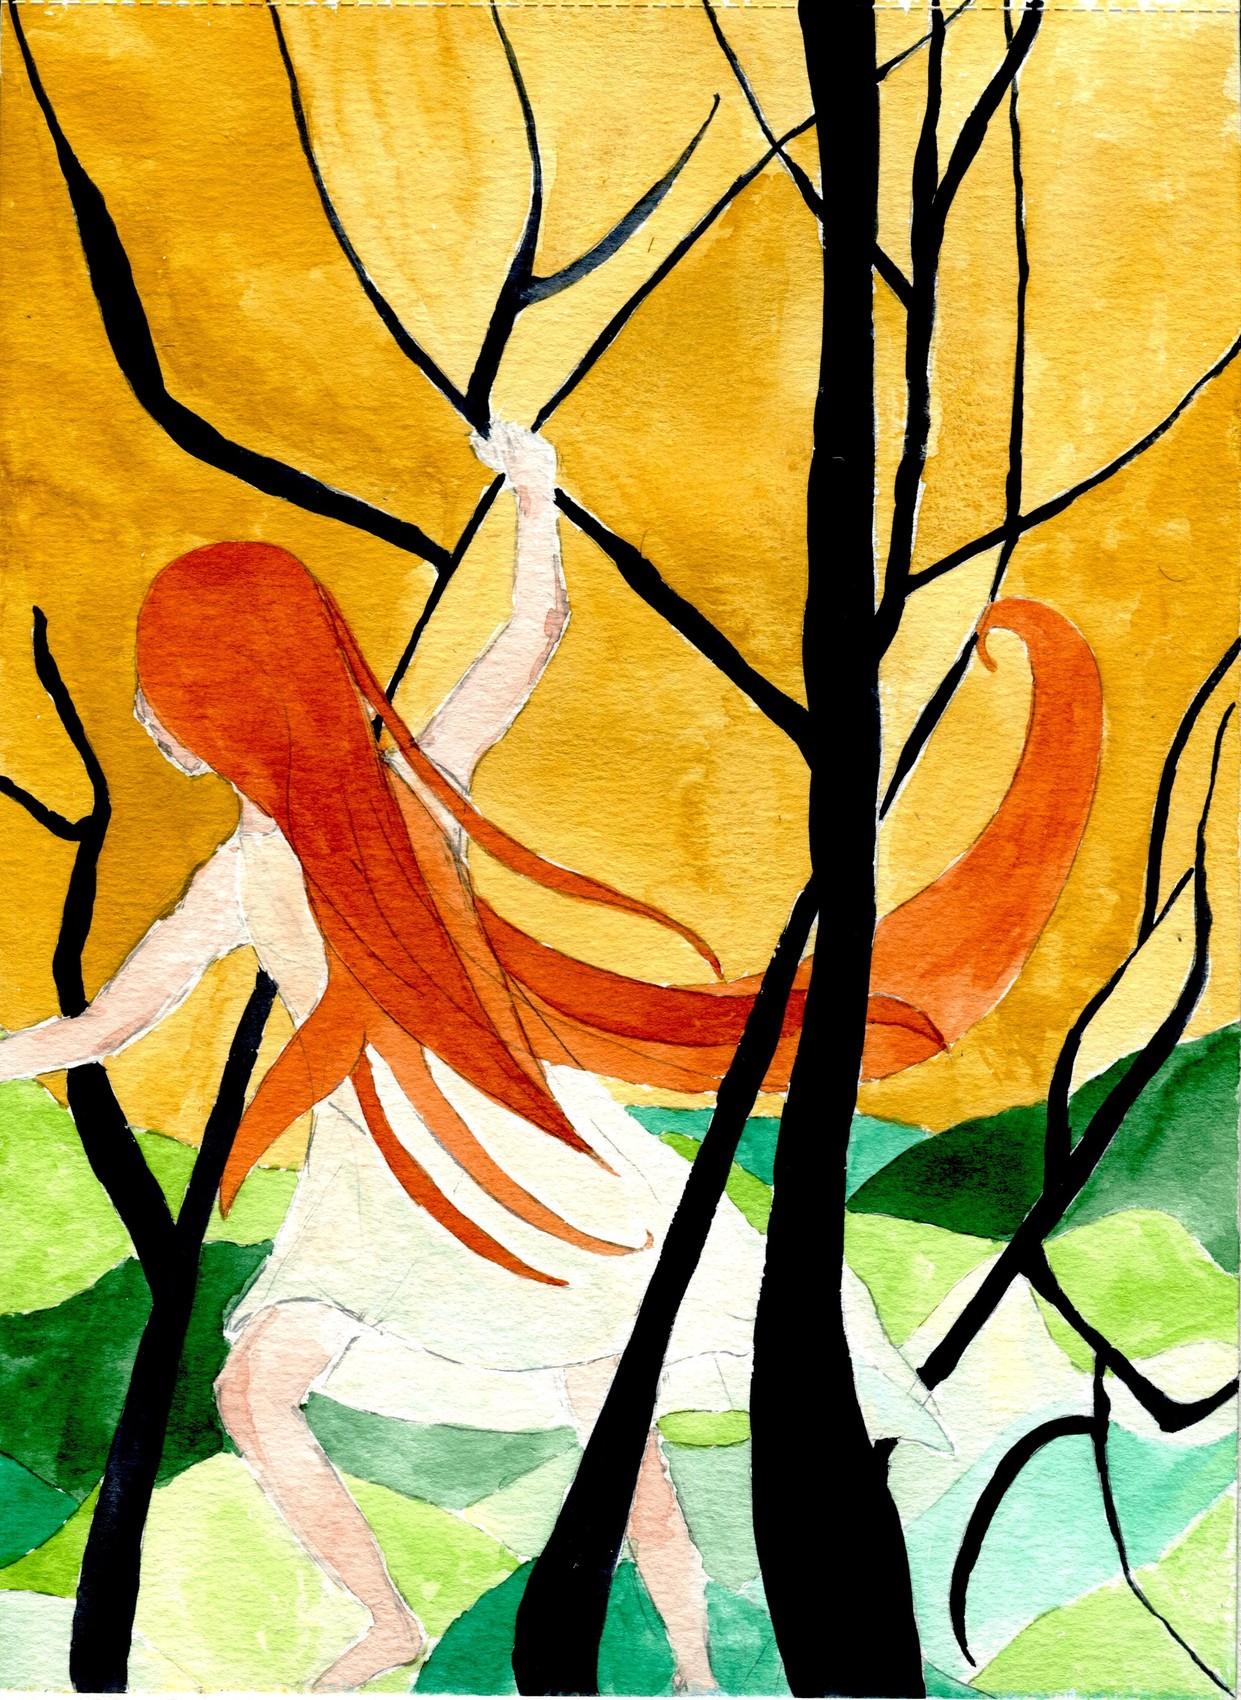 Peinture dans les bois for Betes dans le bois